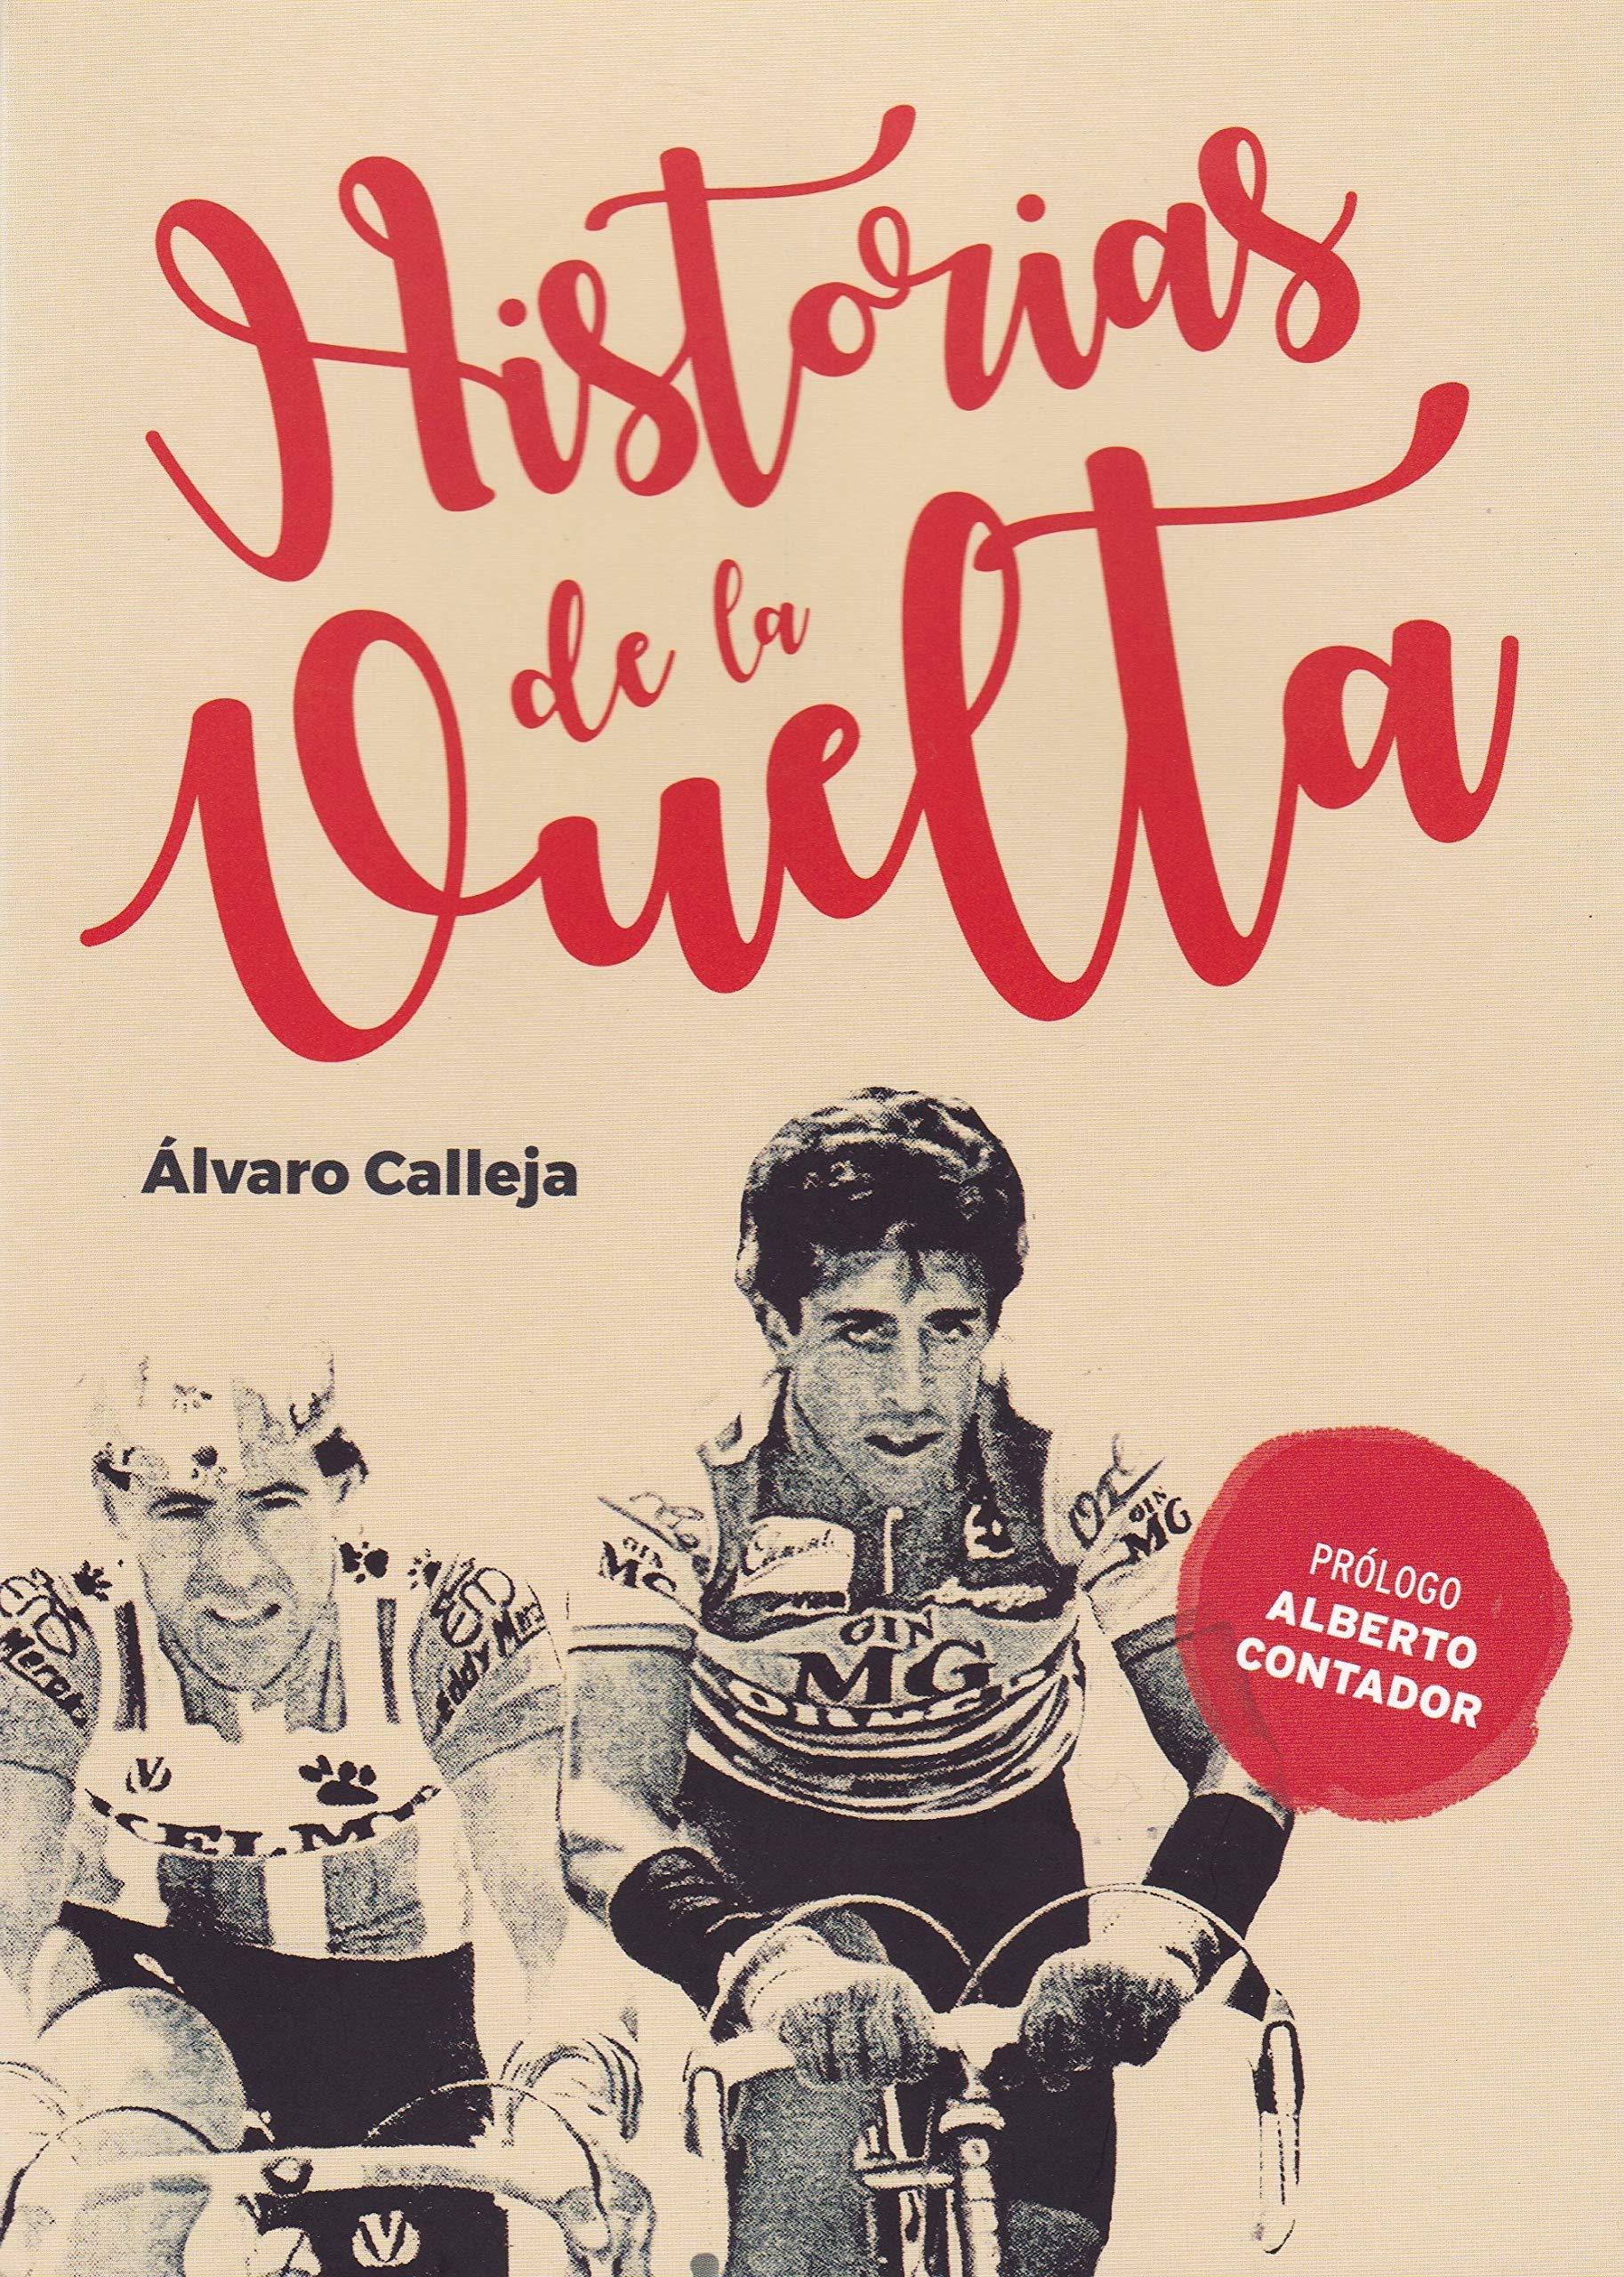 Historias de la Vuelta (Ciclismo) Tapa blanda – 16 jul 2018 Álvaro Calleja Moreno Alberto Contador Ediciones JC 841544835X